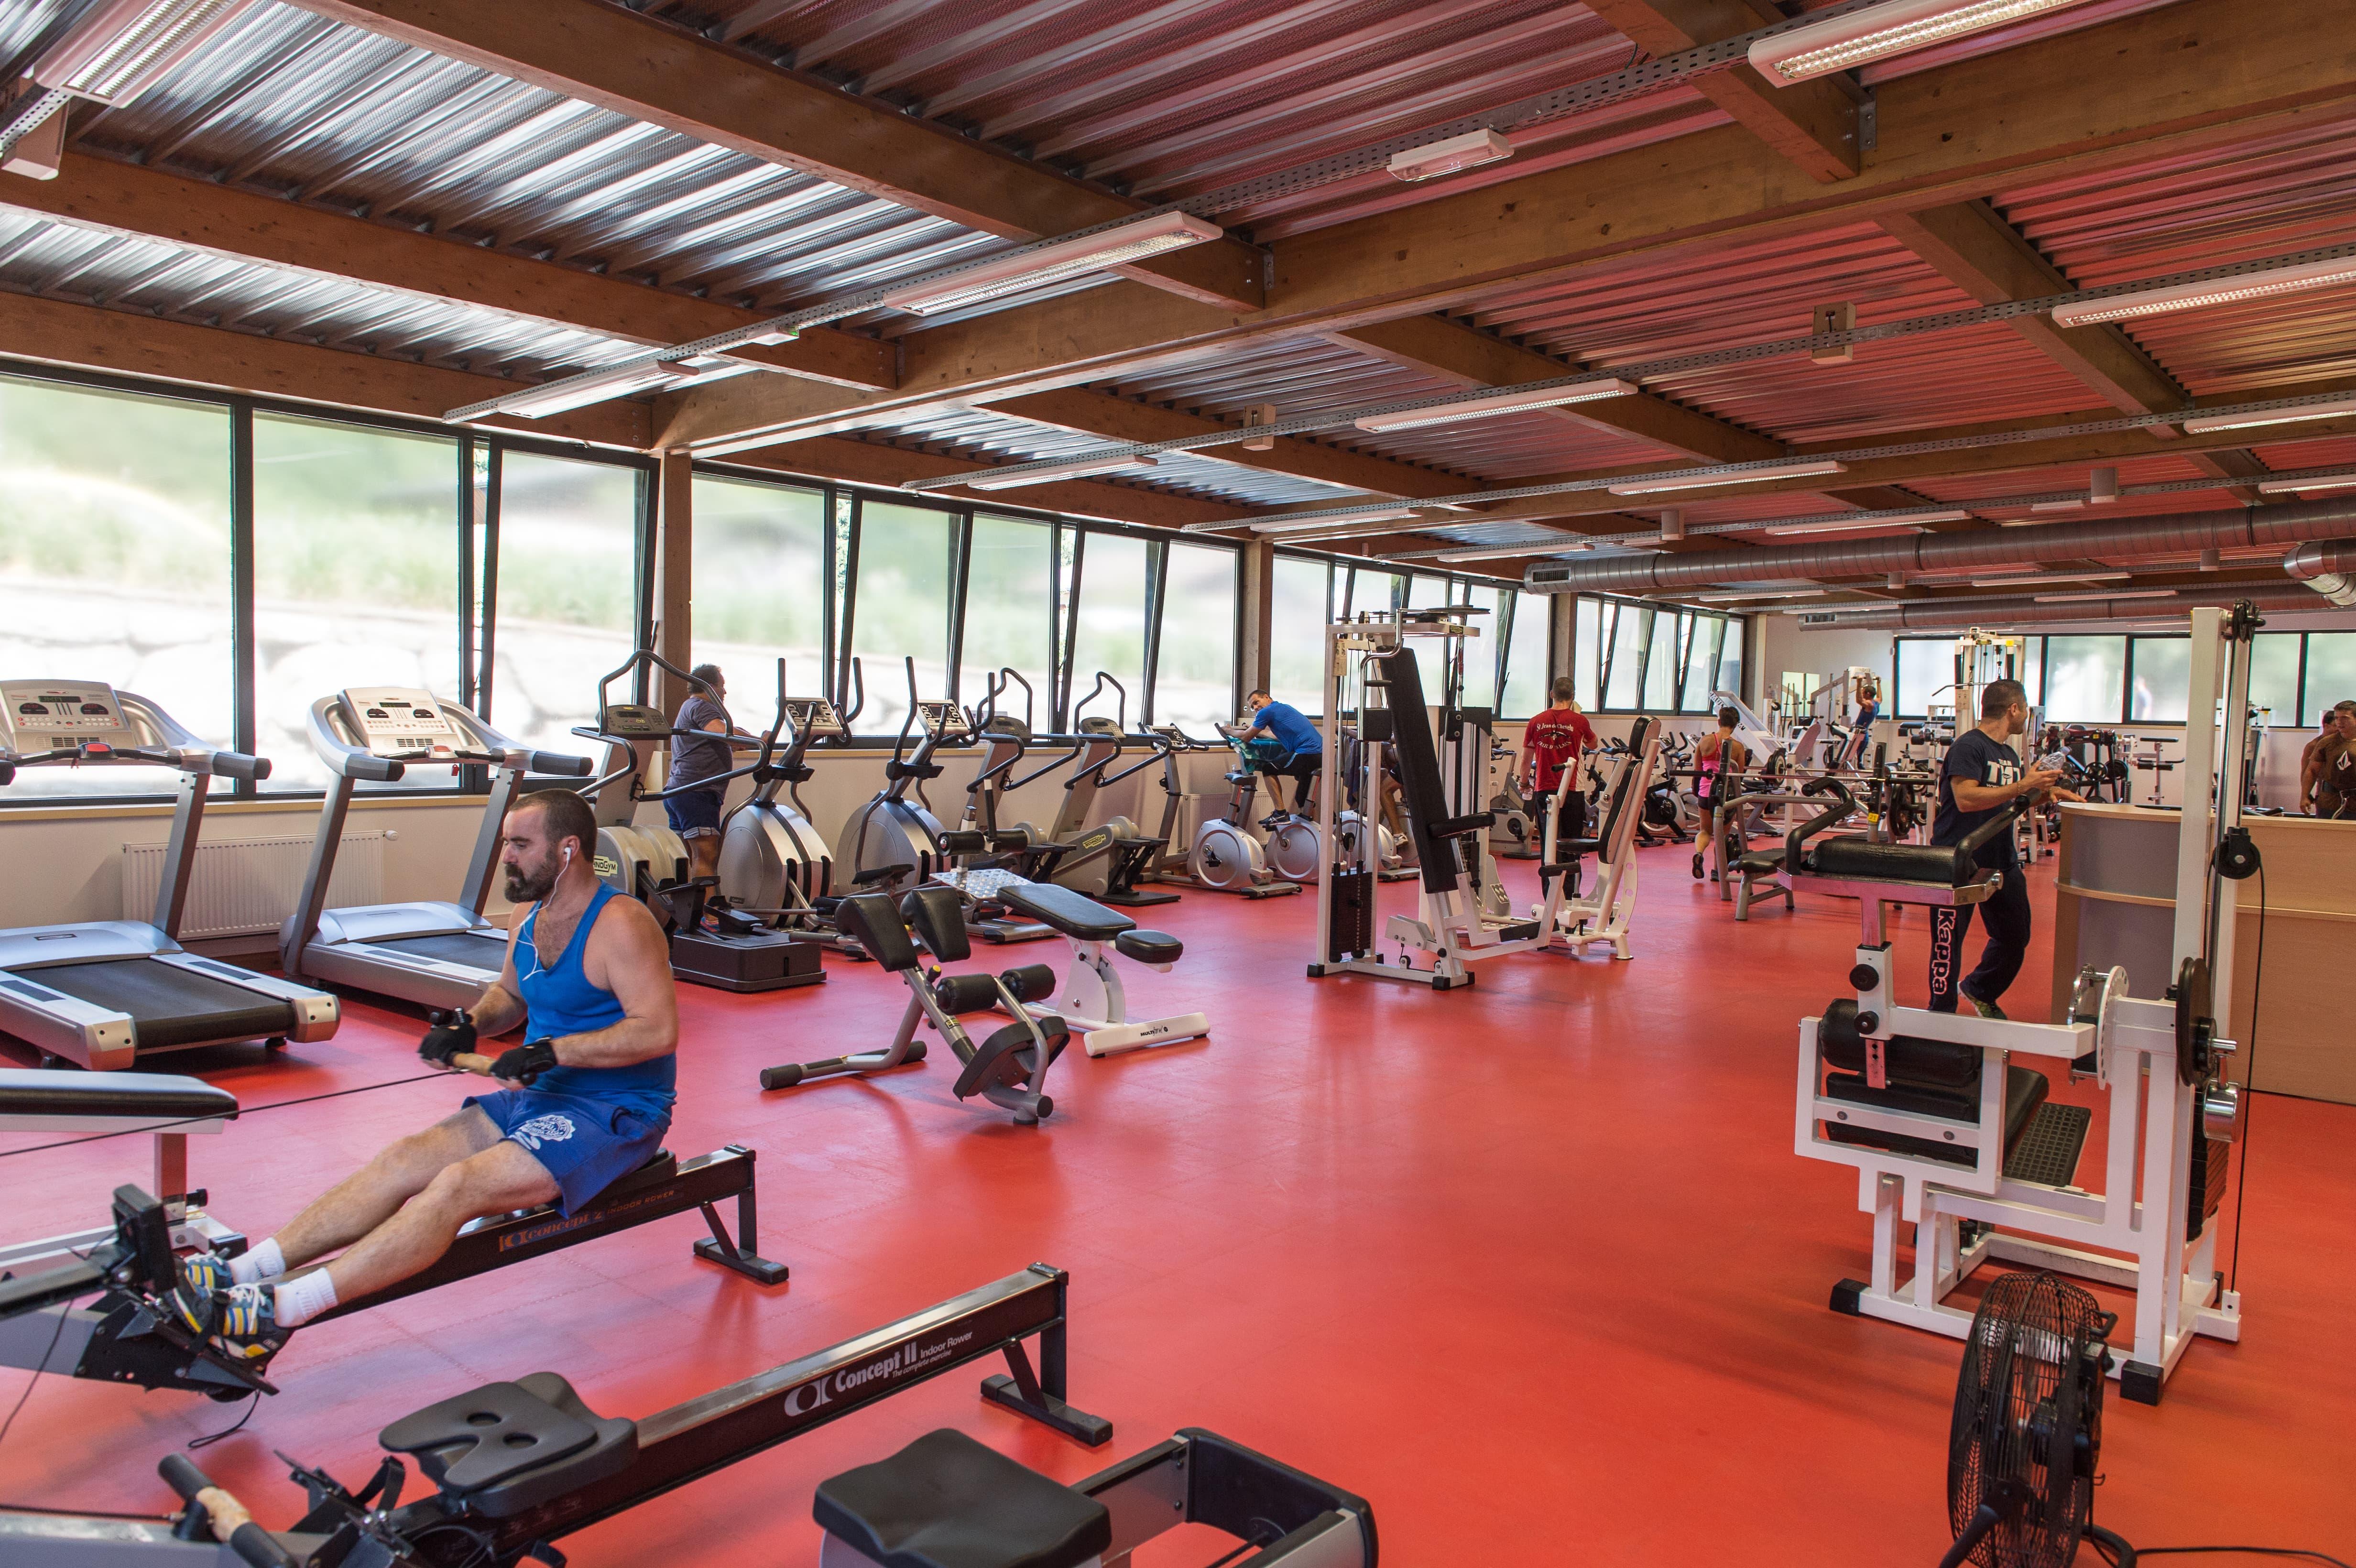 Centre Atlantis Piscine Piscines Centres Aquatiques Maison